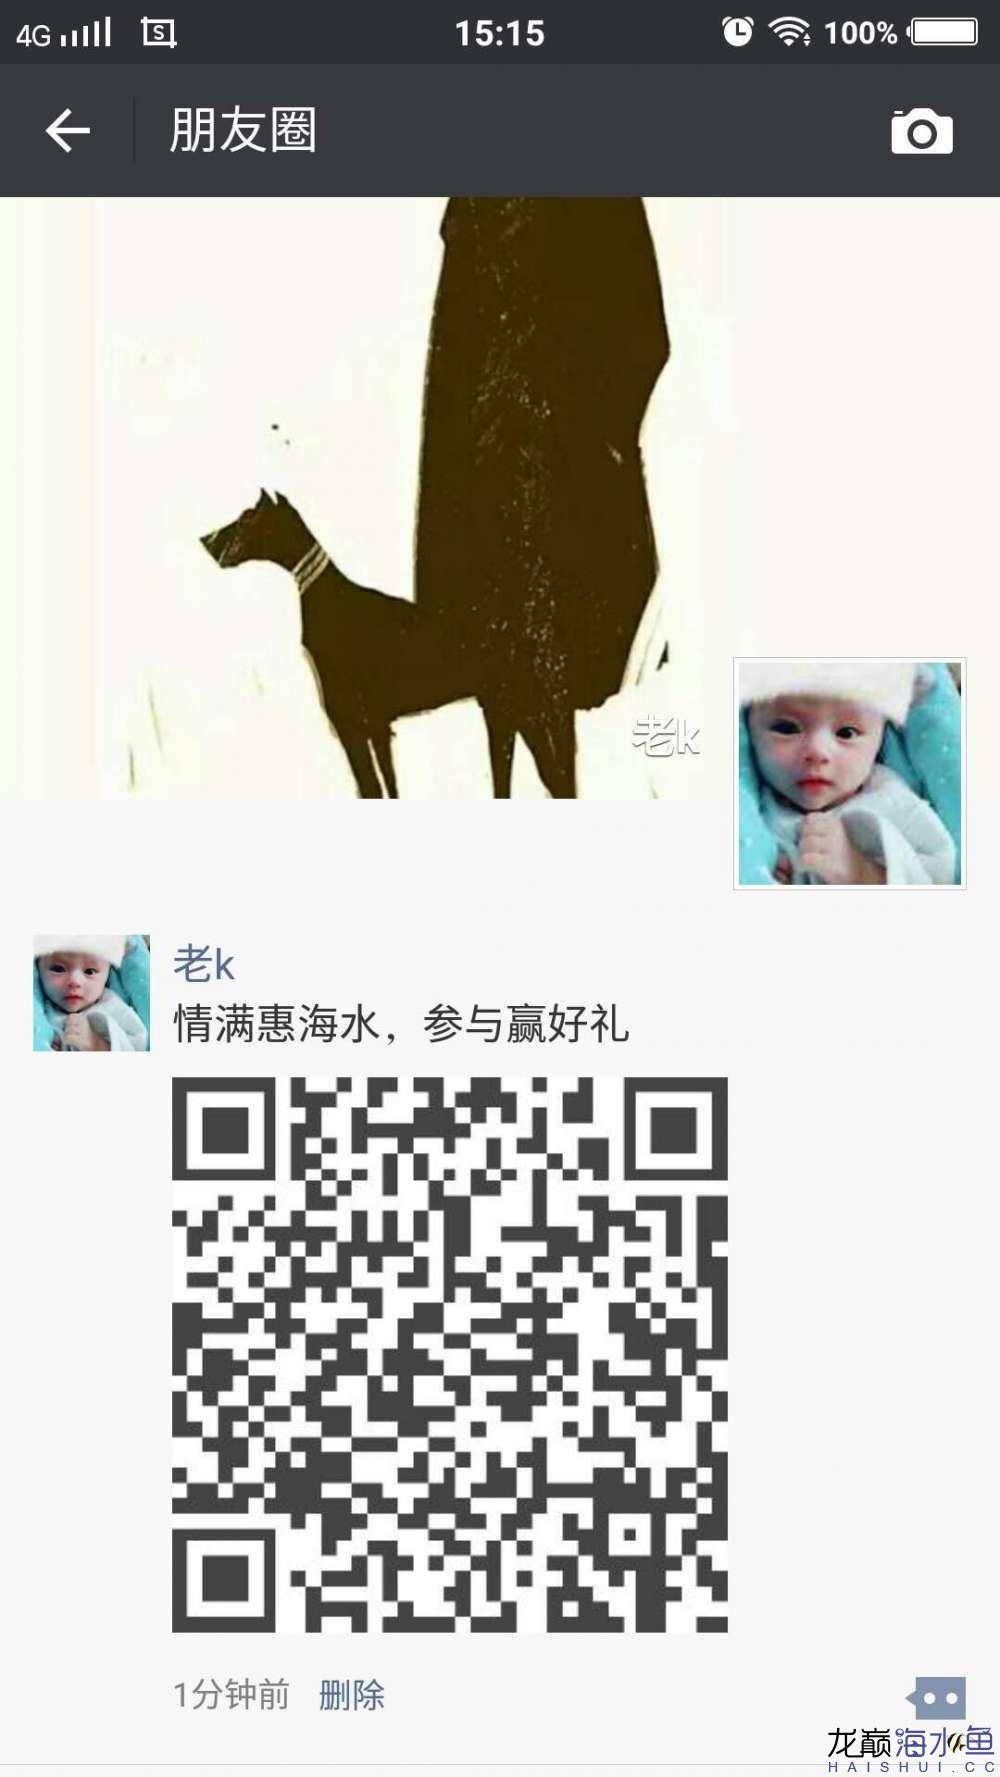 微信图片_20180326151840.jpg